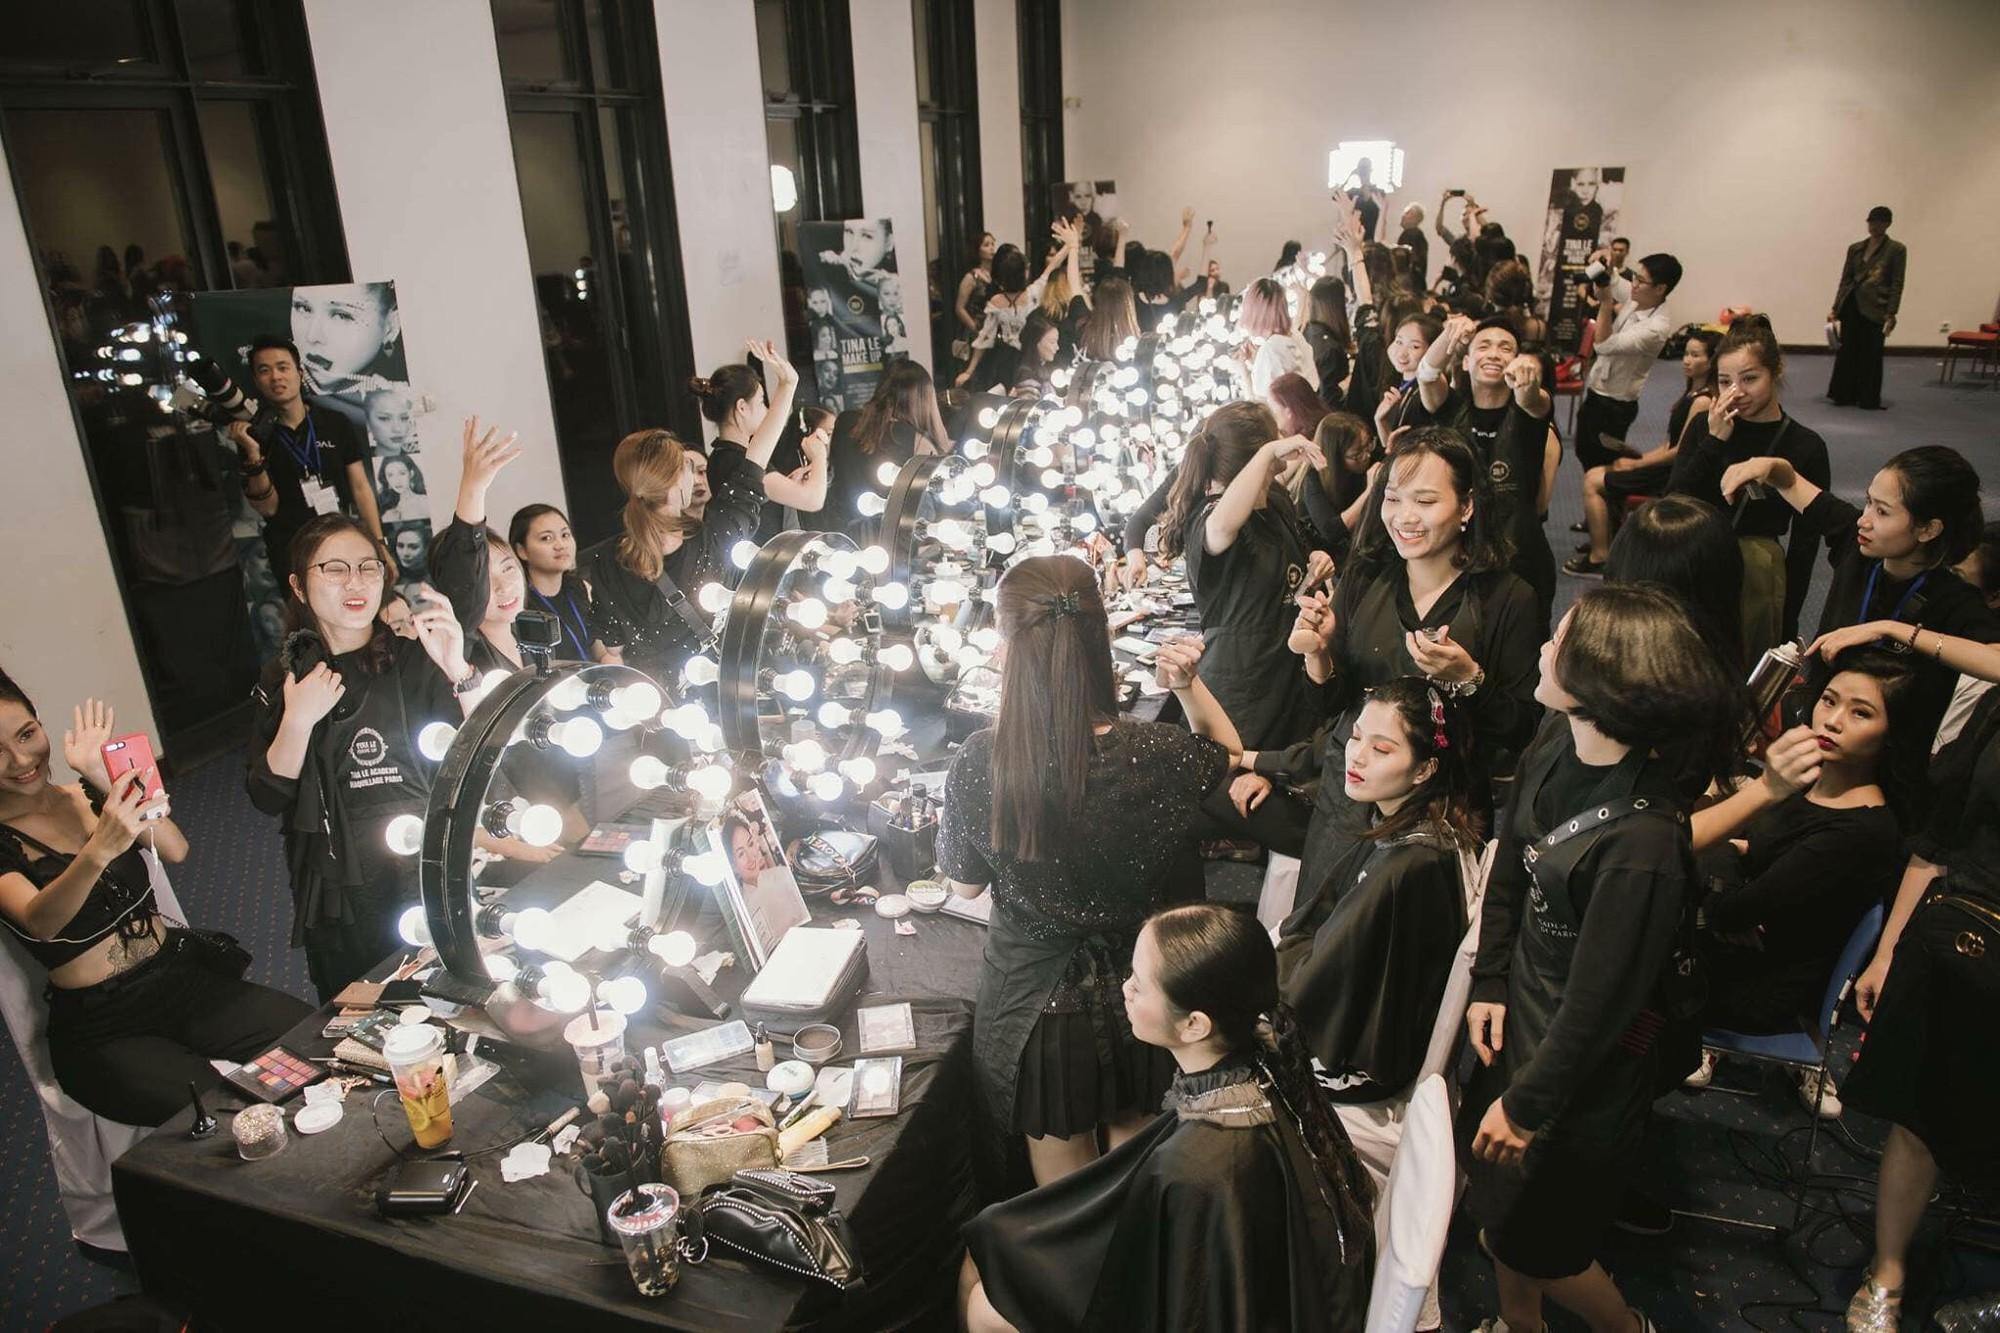 Điều kiện chưa cho phép, chọn ngay gói học make-up trả góp tại Tina Lê Make Up Academy - Ảnh 1.